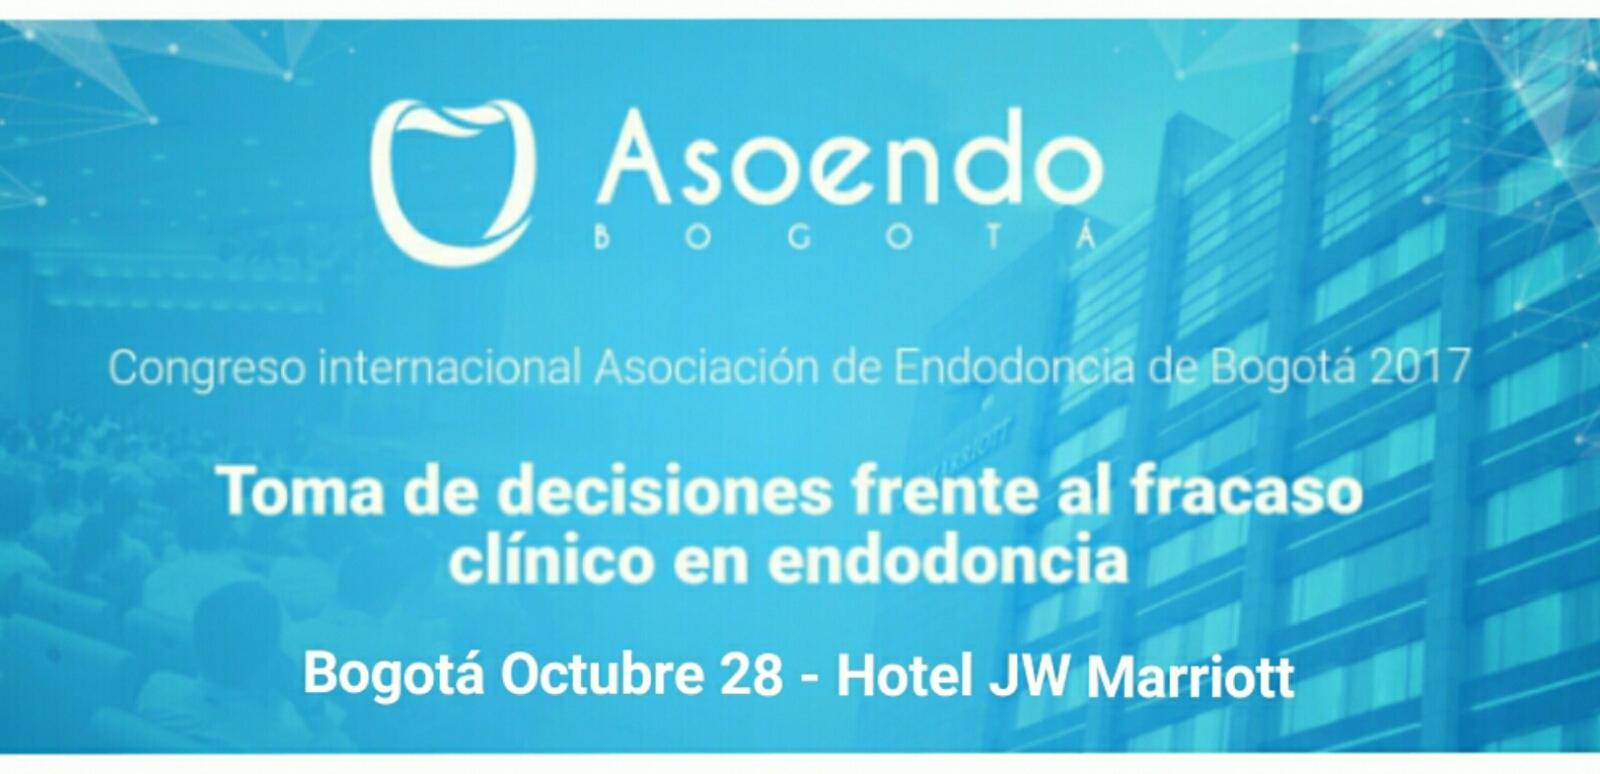 Evento asoendo Bogota